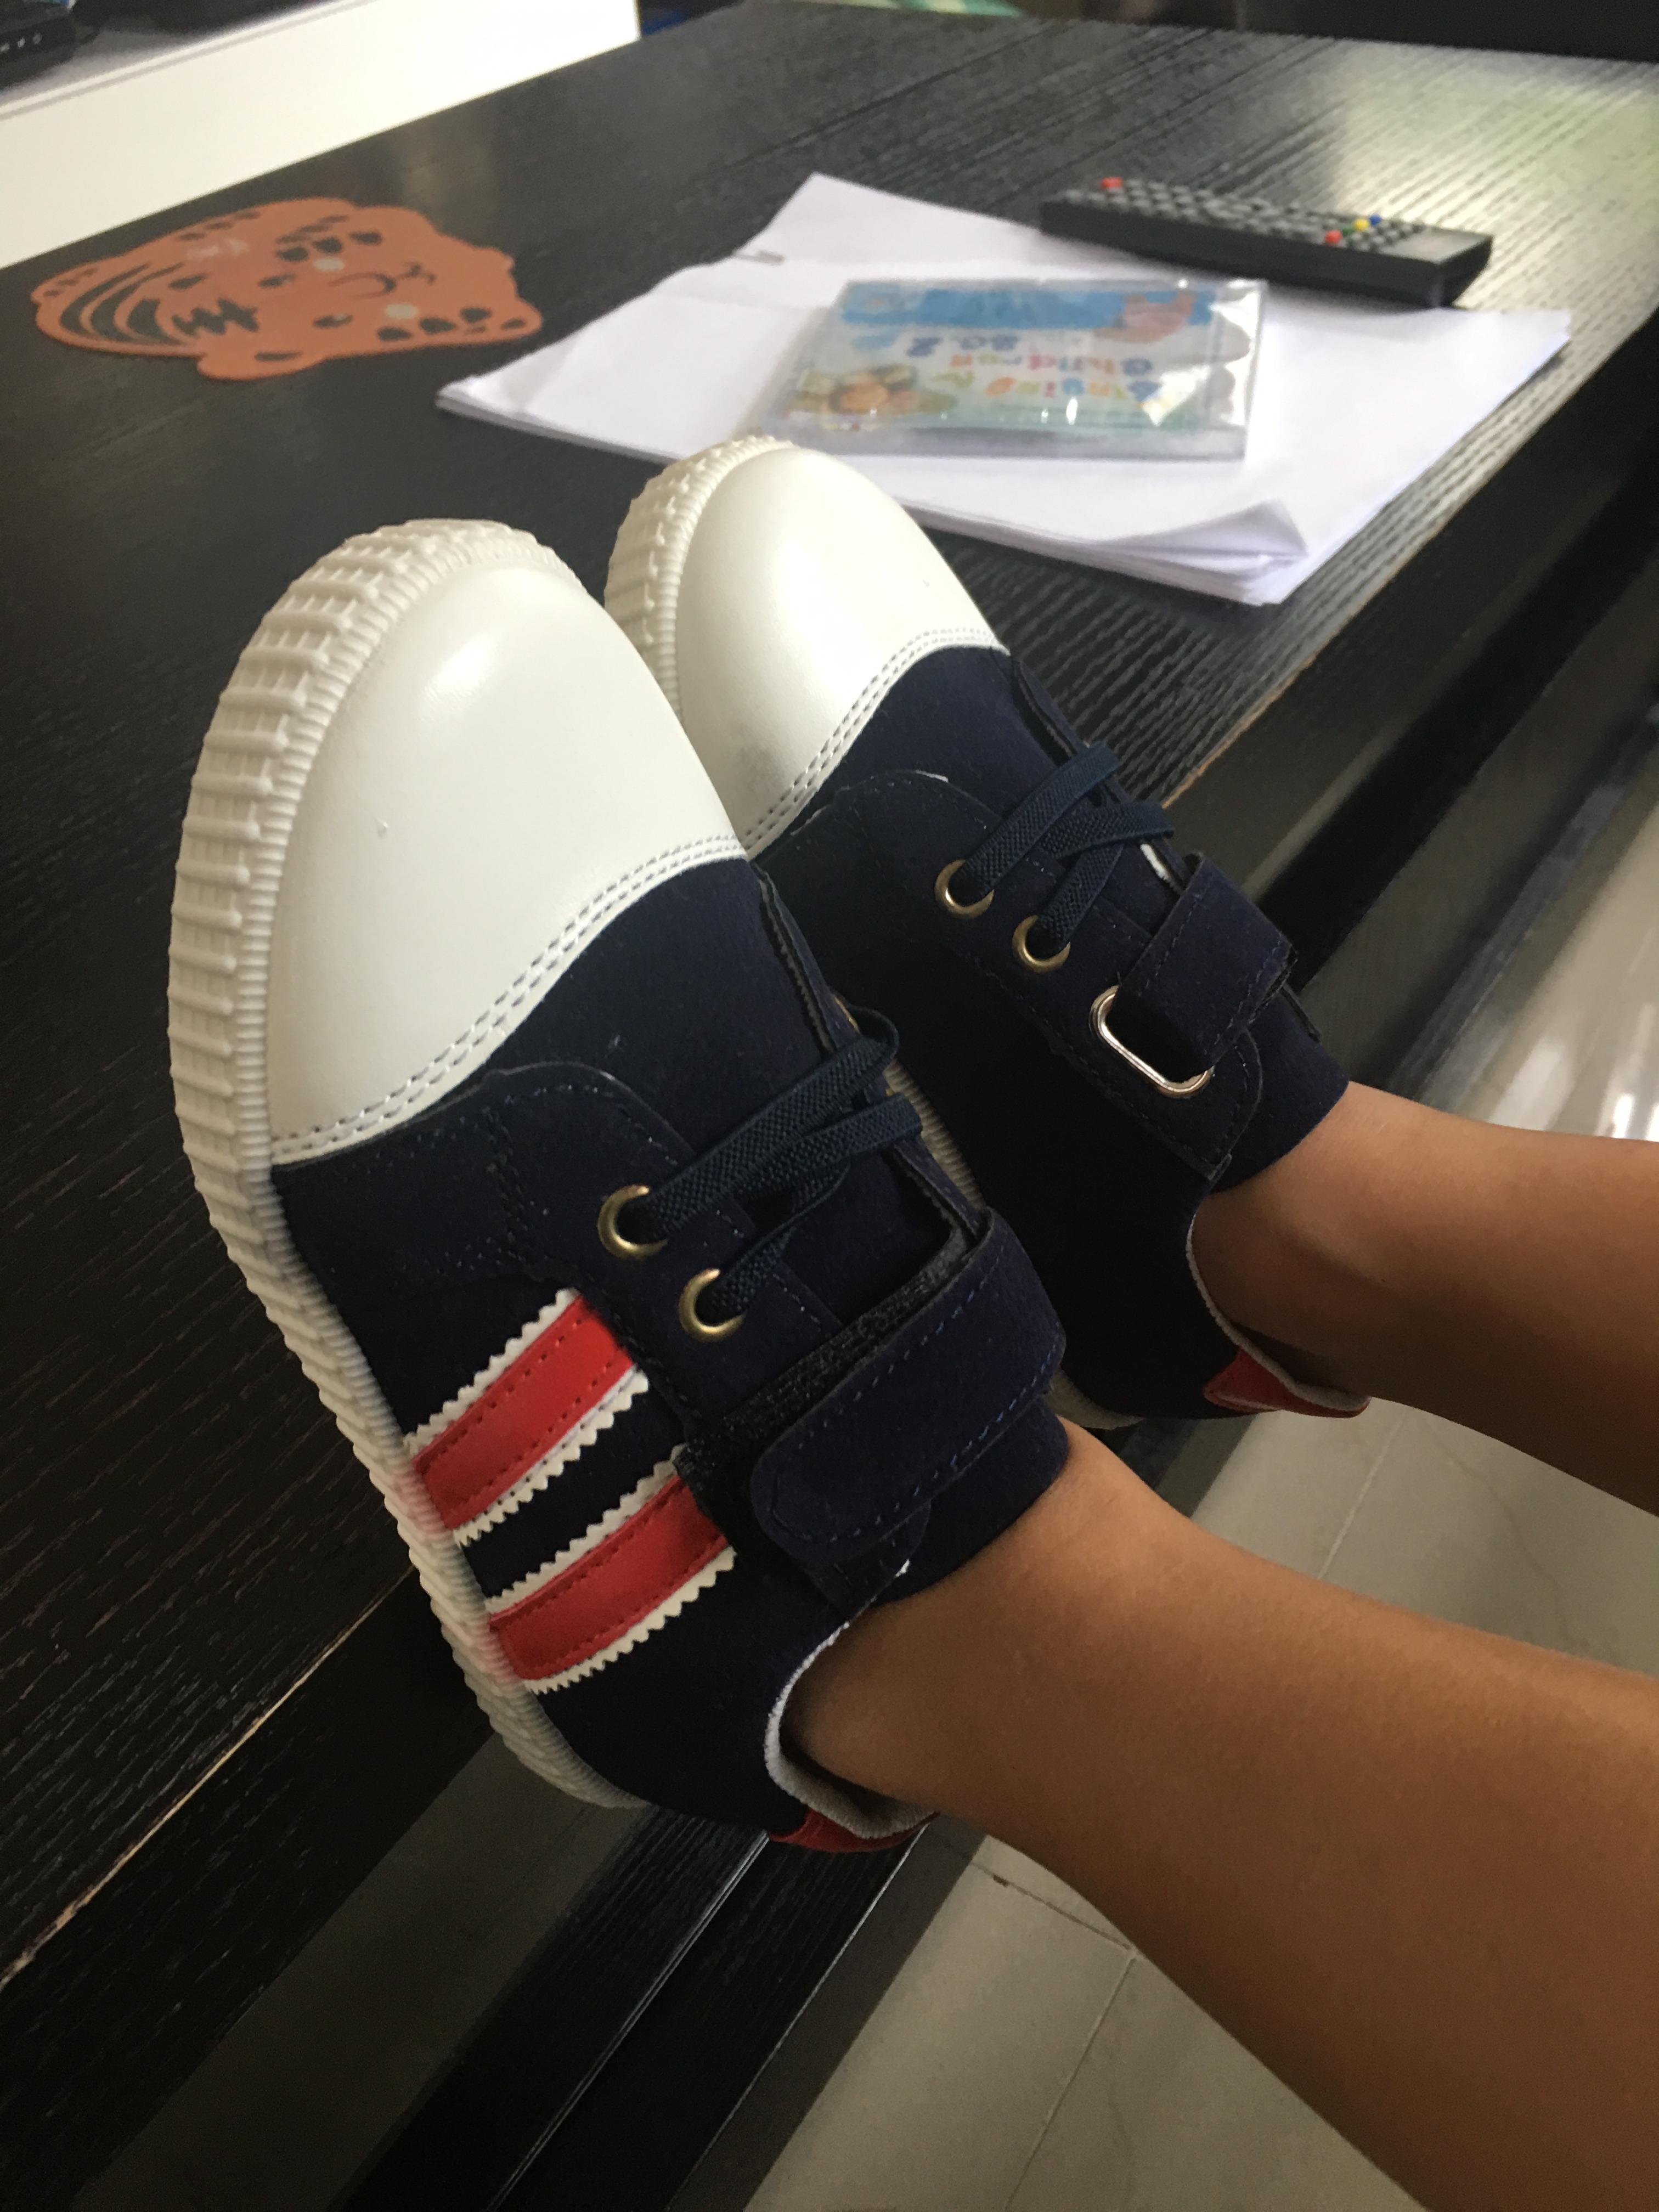 **รองเท้าสีน้ำเข้มลายตัดแดง | ยีนต์เข้ม | Size=27-30 (4pair/pack) ราคาเฉลี่ย 180 บาทต่อคู่